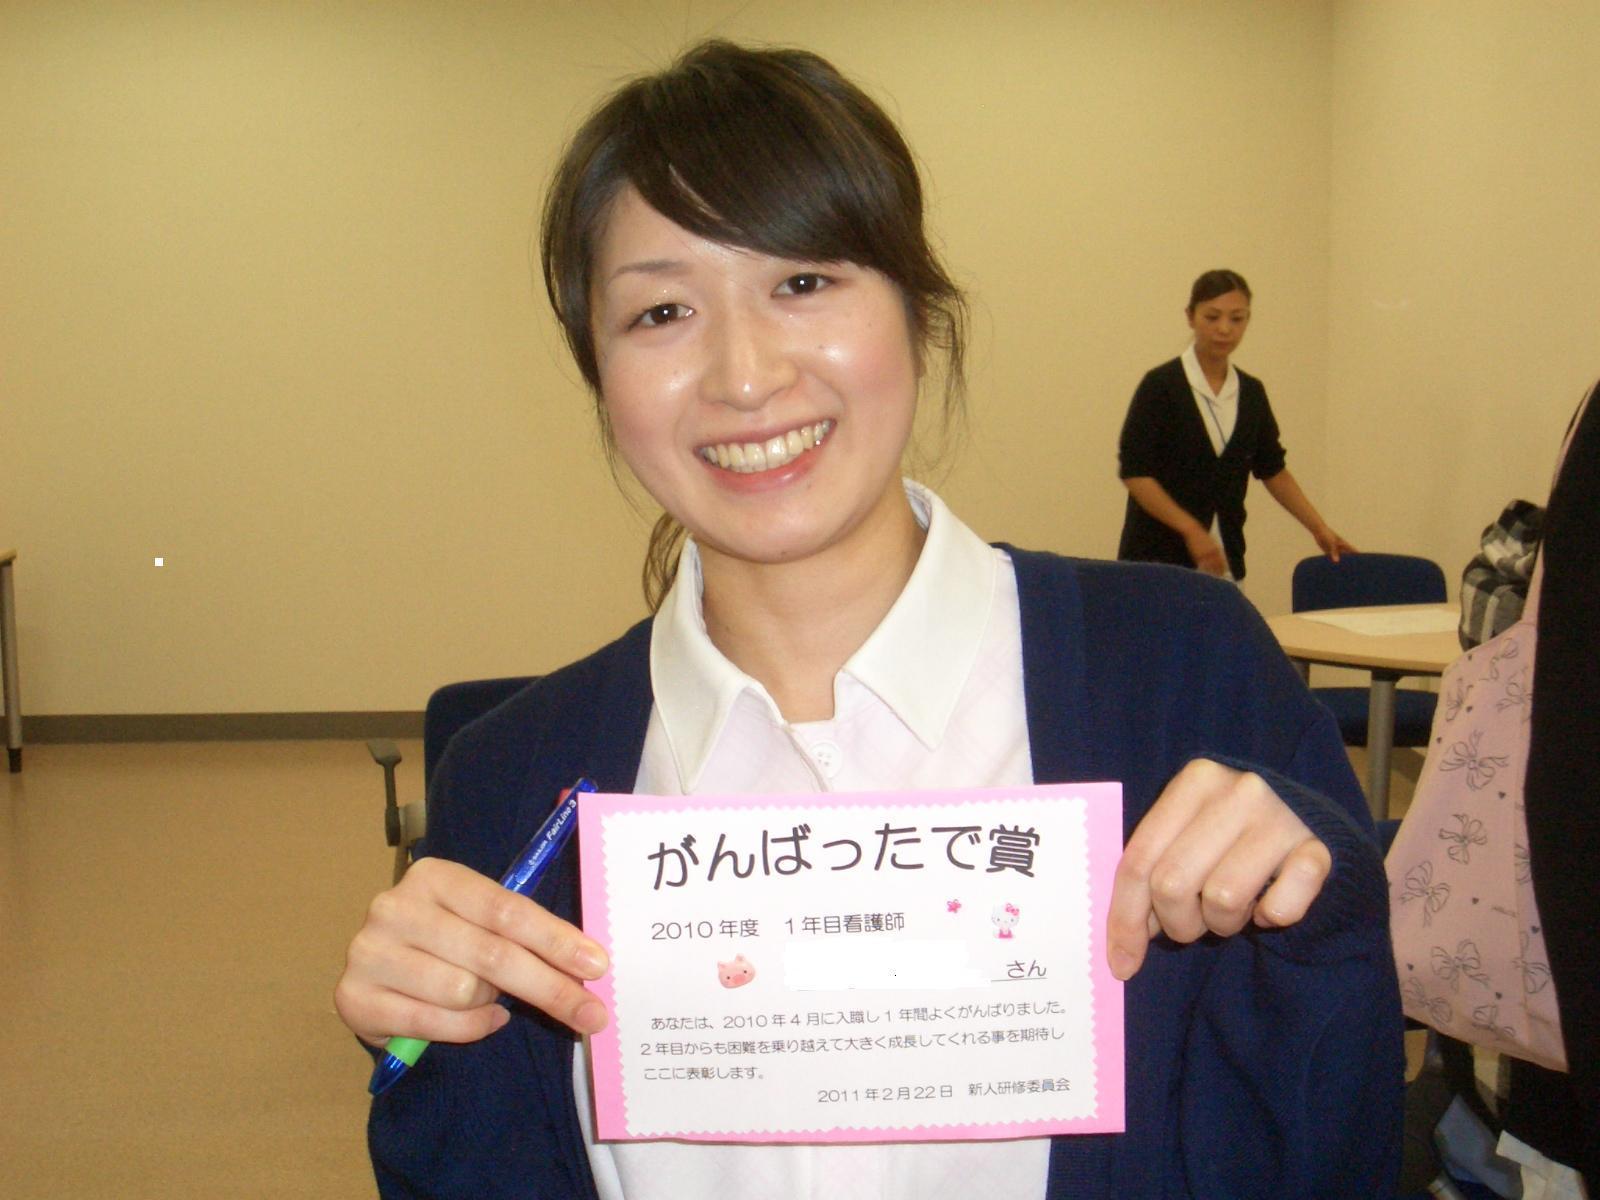 2011.2.23 新人ナース一年の集大成-ケースレポート発表会 : joint